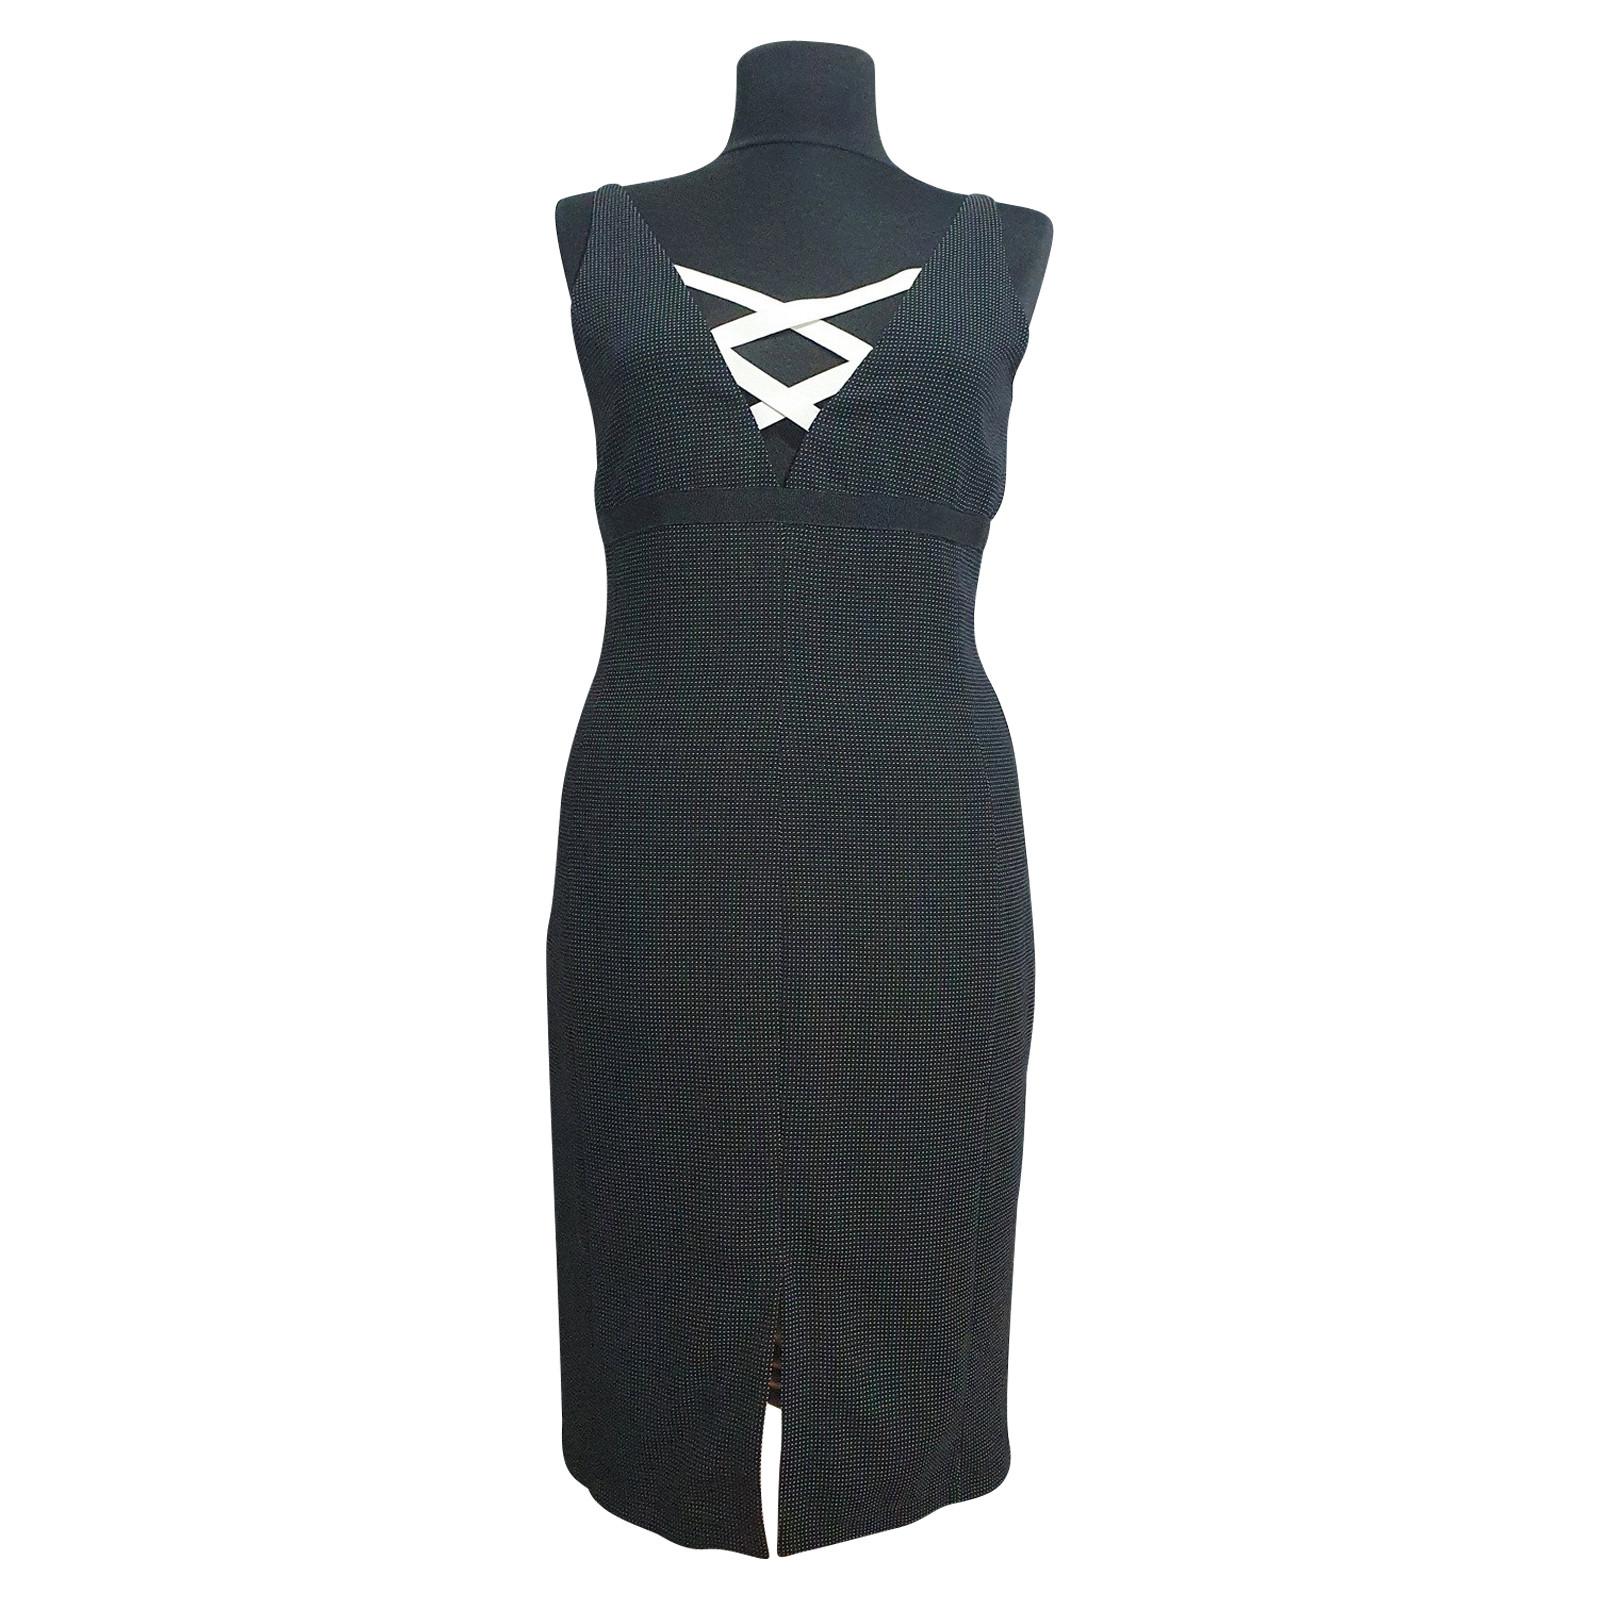 Emporio Armani Kleid Aus Viskose In Schwarz Second Hand Emporio Armani Kleid Aus Viskose In Schwarz Gebraucht Kaufen Fur 129 6319958